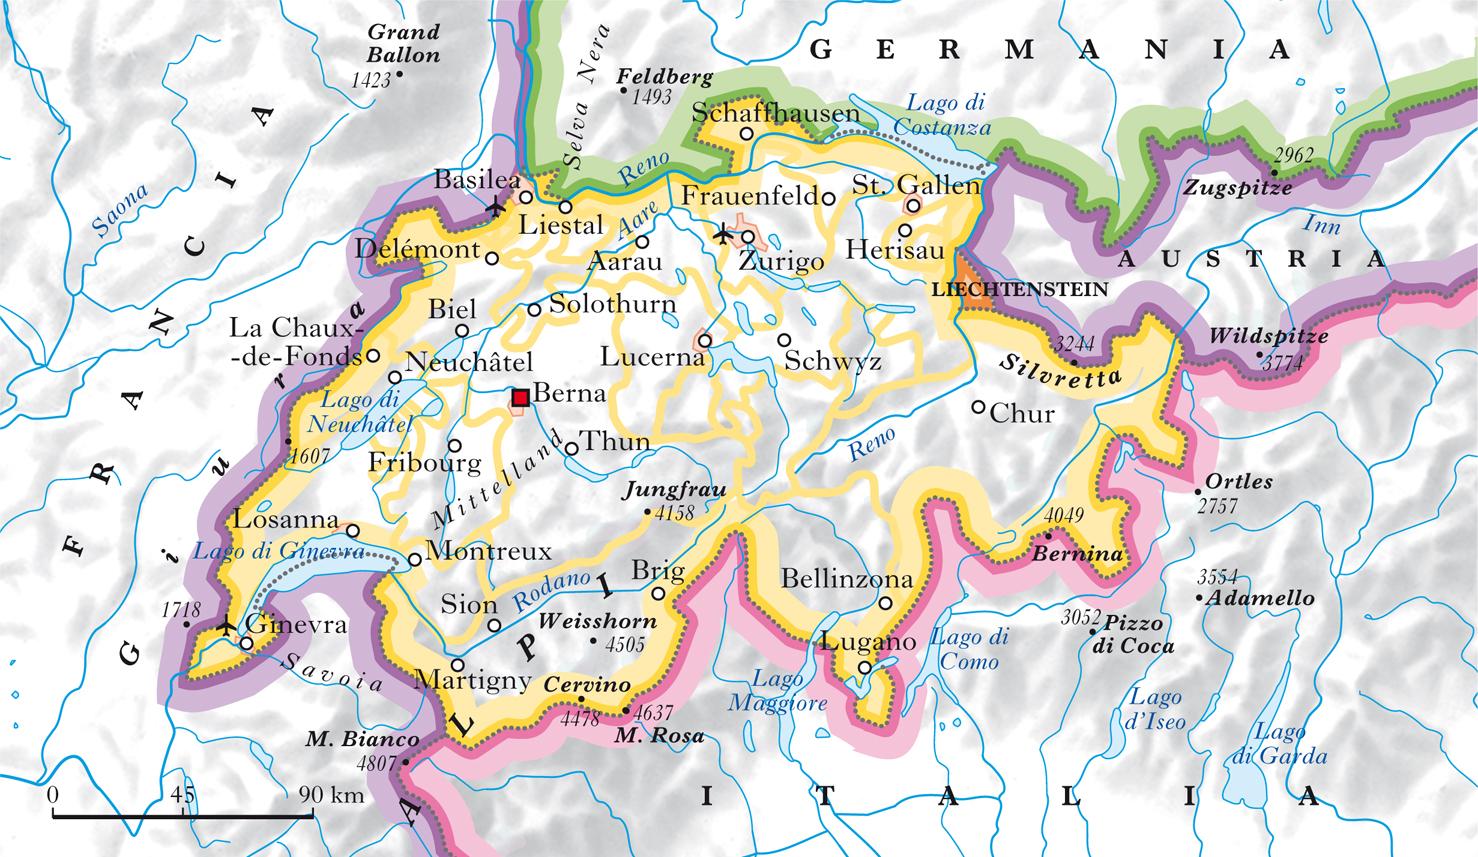 Svizzera Cartina Geografica Cantoni.Svizzera In Atlante Geopolitico